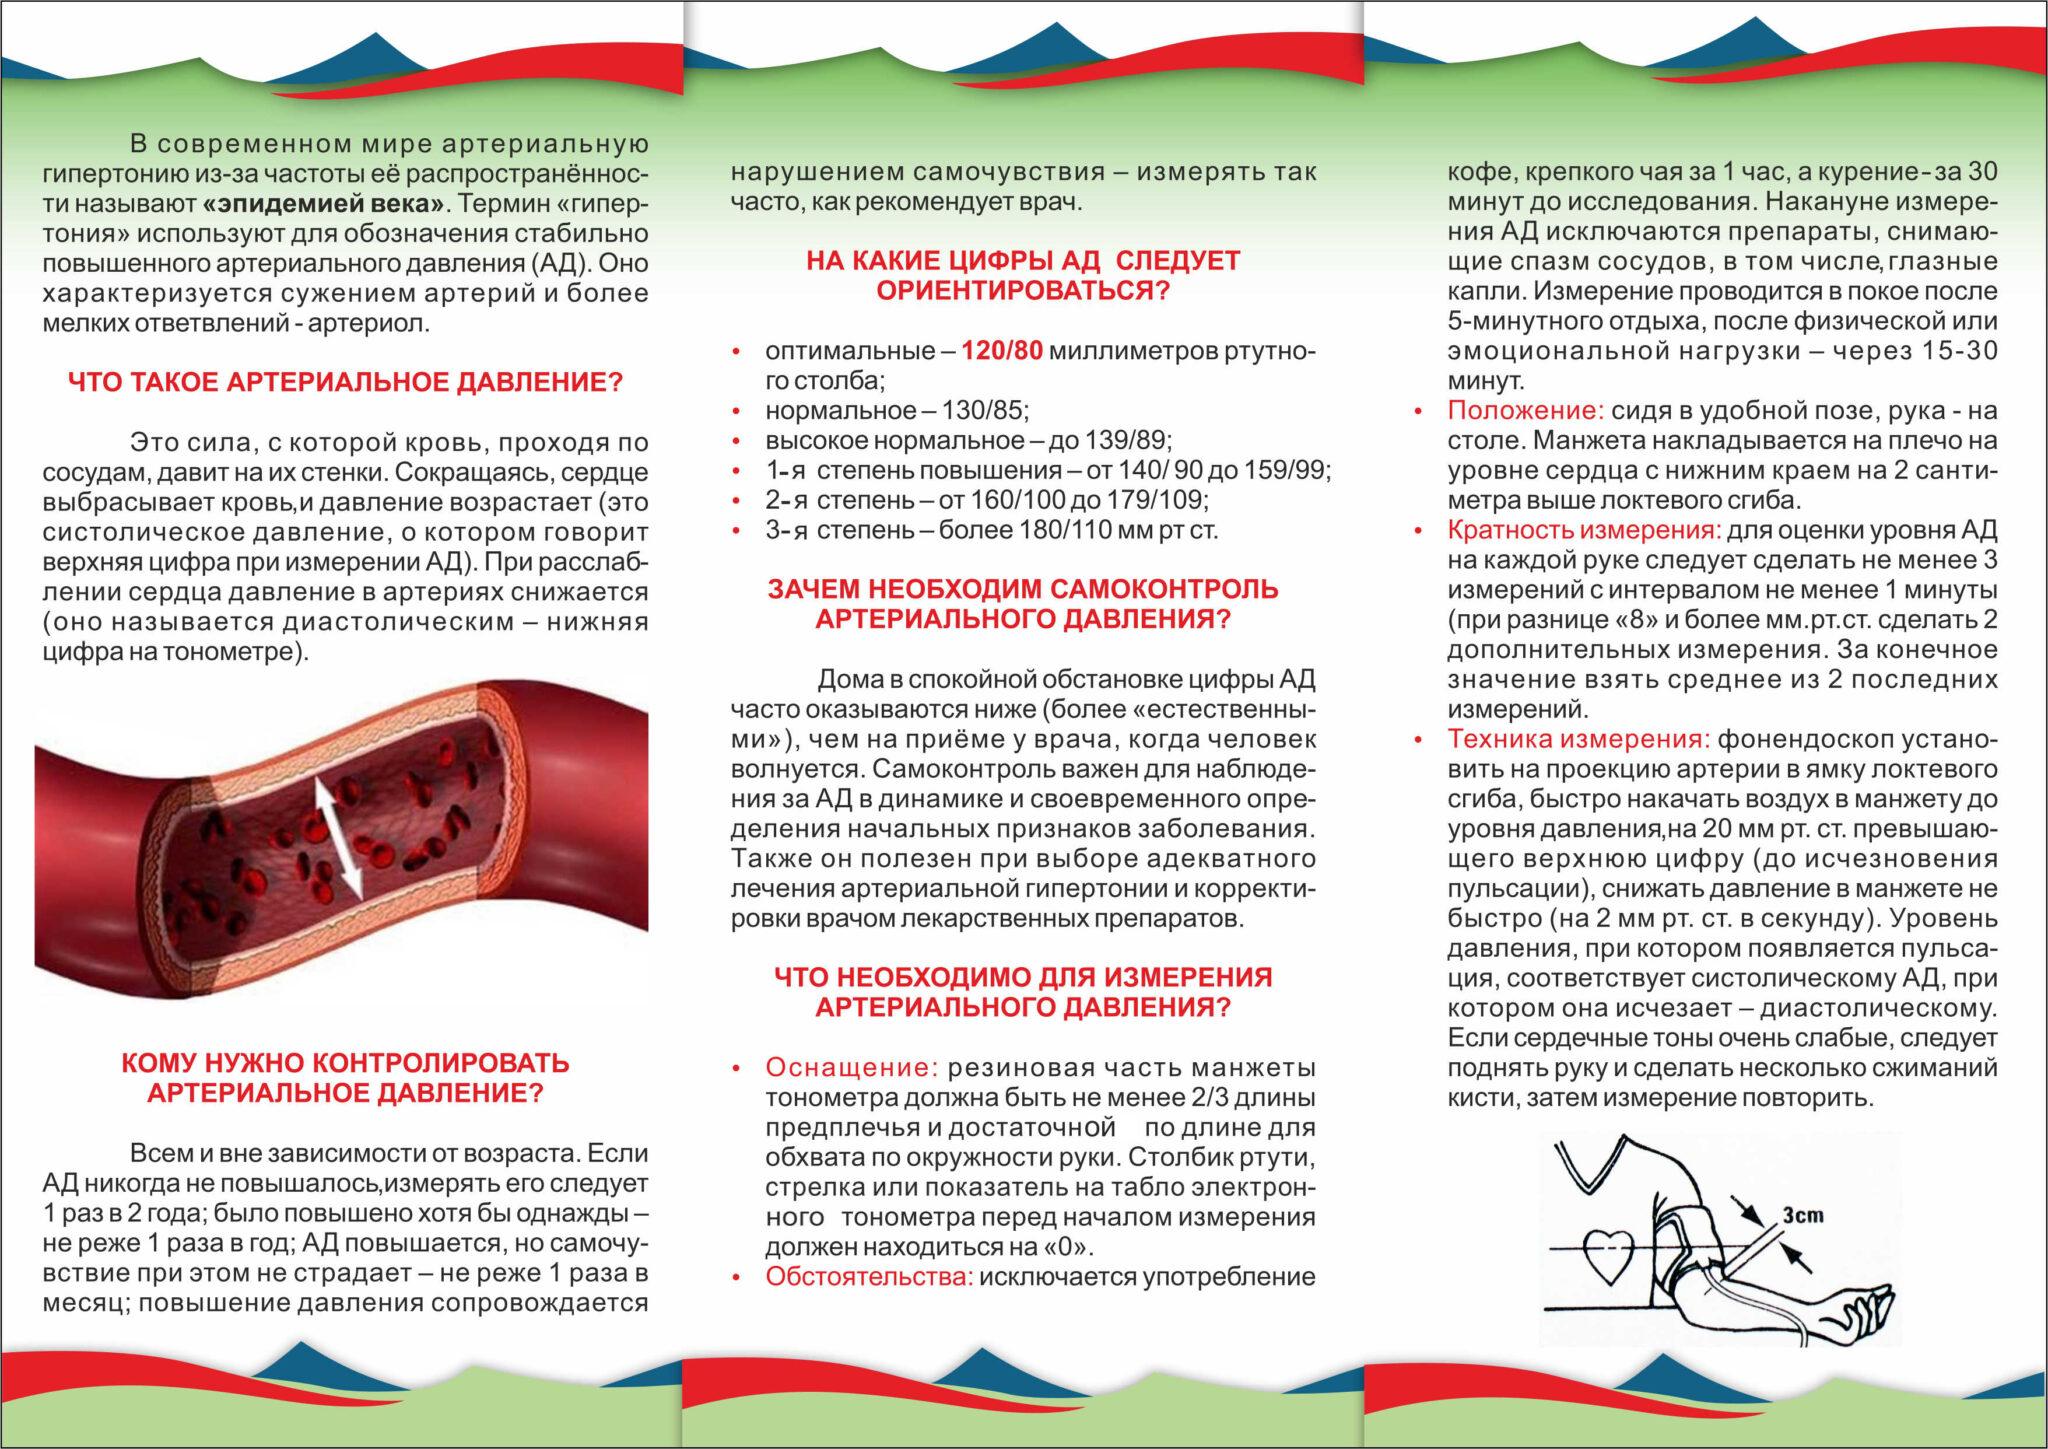 Как контролировать артериальное давле 2